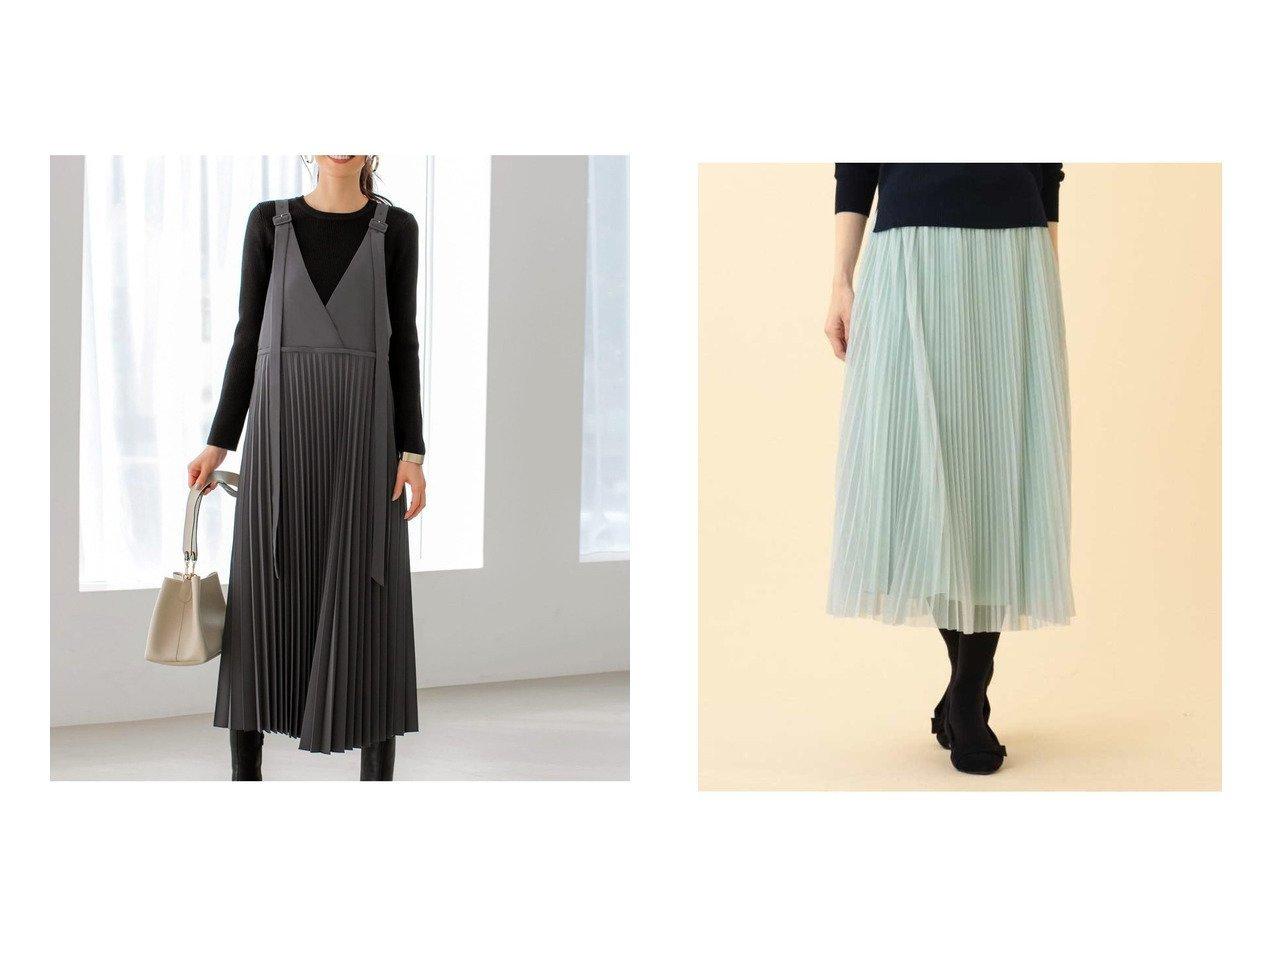 【Reflect/リフレクト】のチュールプリーツスカート&【STYLE DELI/スタイルデリ】のアンブレラプリーツジャンパースカート スカートのおすすめ!人気、トレンド・レディースファッションの通販 おすすめで人気の流行・トレンド、ファッションの通販商品 メンズファッション・キッズファッション・インテリア・家具・レディースファッション・服の通販 founy(ファニー) https://founy.com/ ファッション Fashion レディースファッション WOMEN スカート Skirt プリーツスカート Pleated Skirts サテン チュール フレア プリーツ インナー カットソー クール シンプル タンク ノースリーブ 長袖 ポケット ラップ ロング 冬 Winter |ID:crp329100000014440